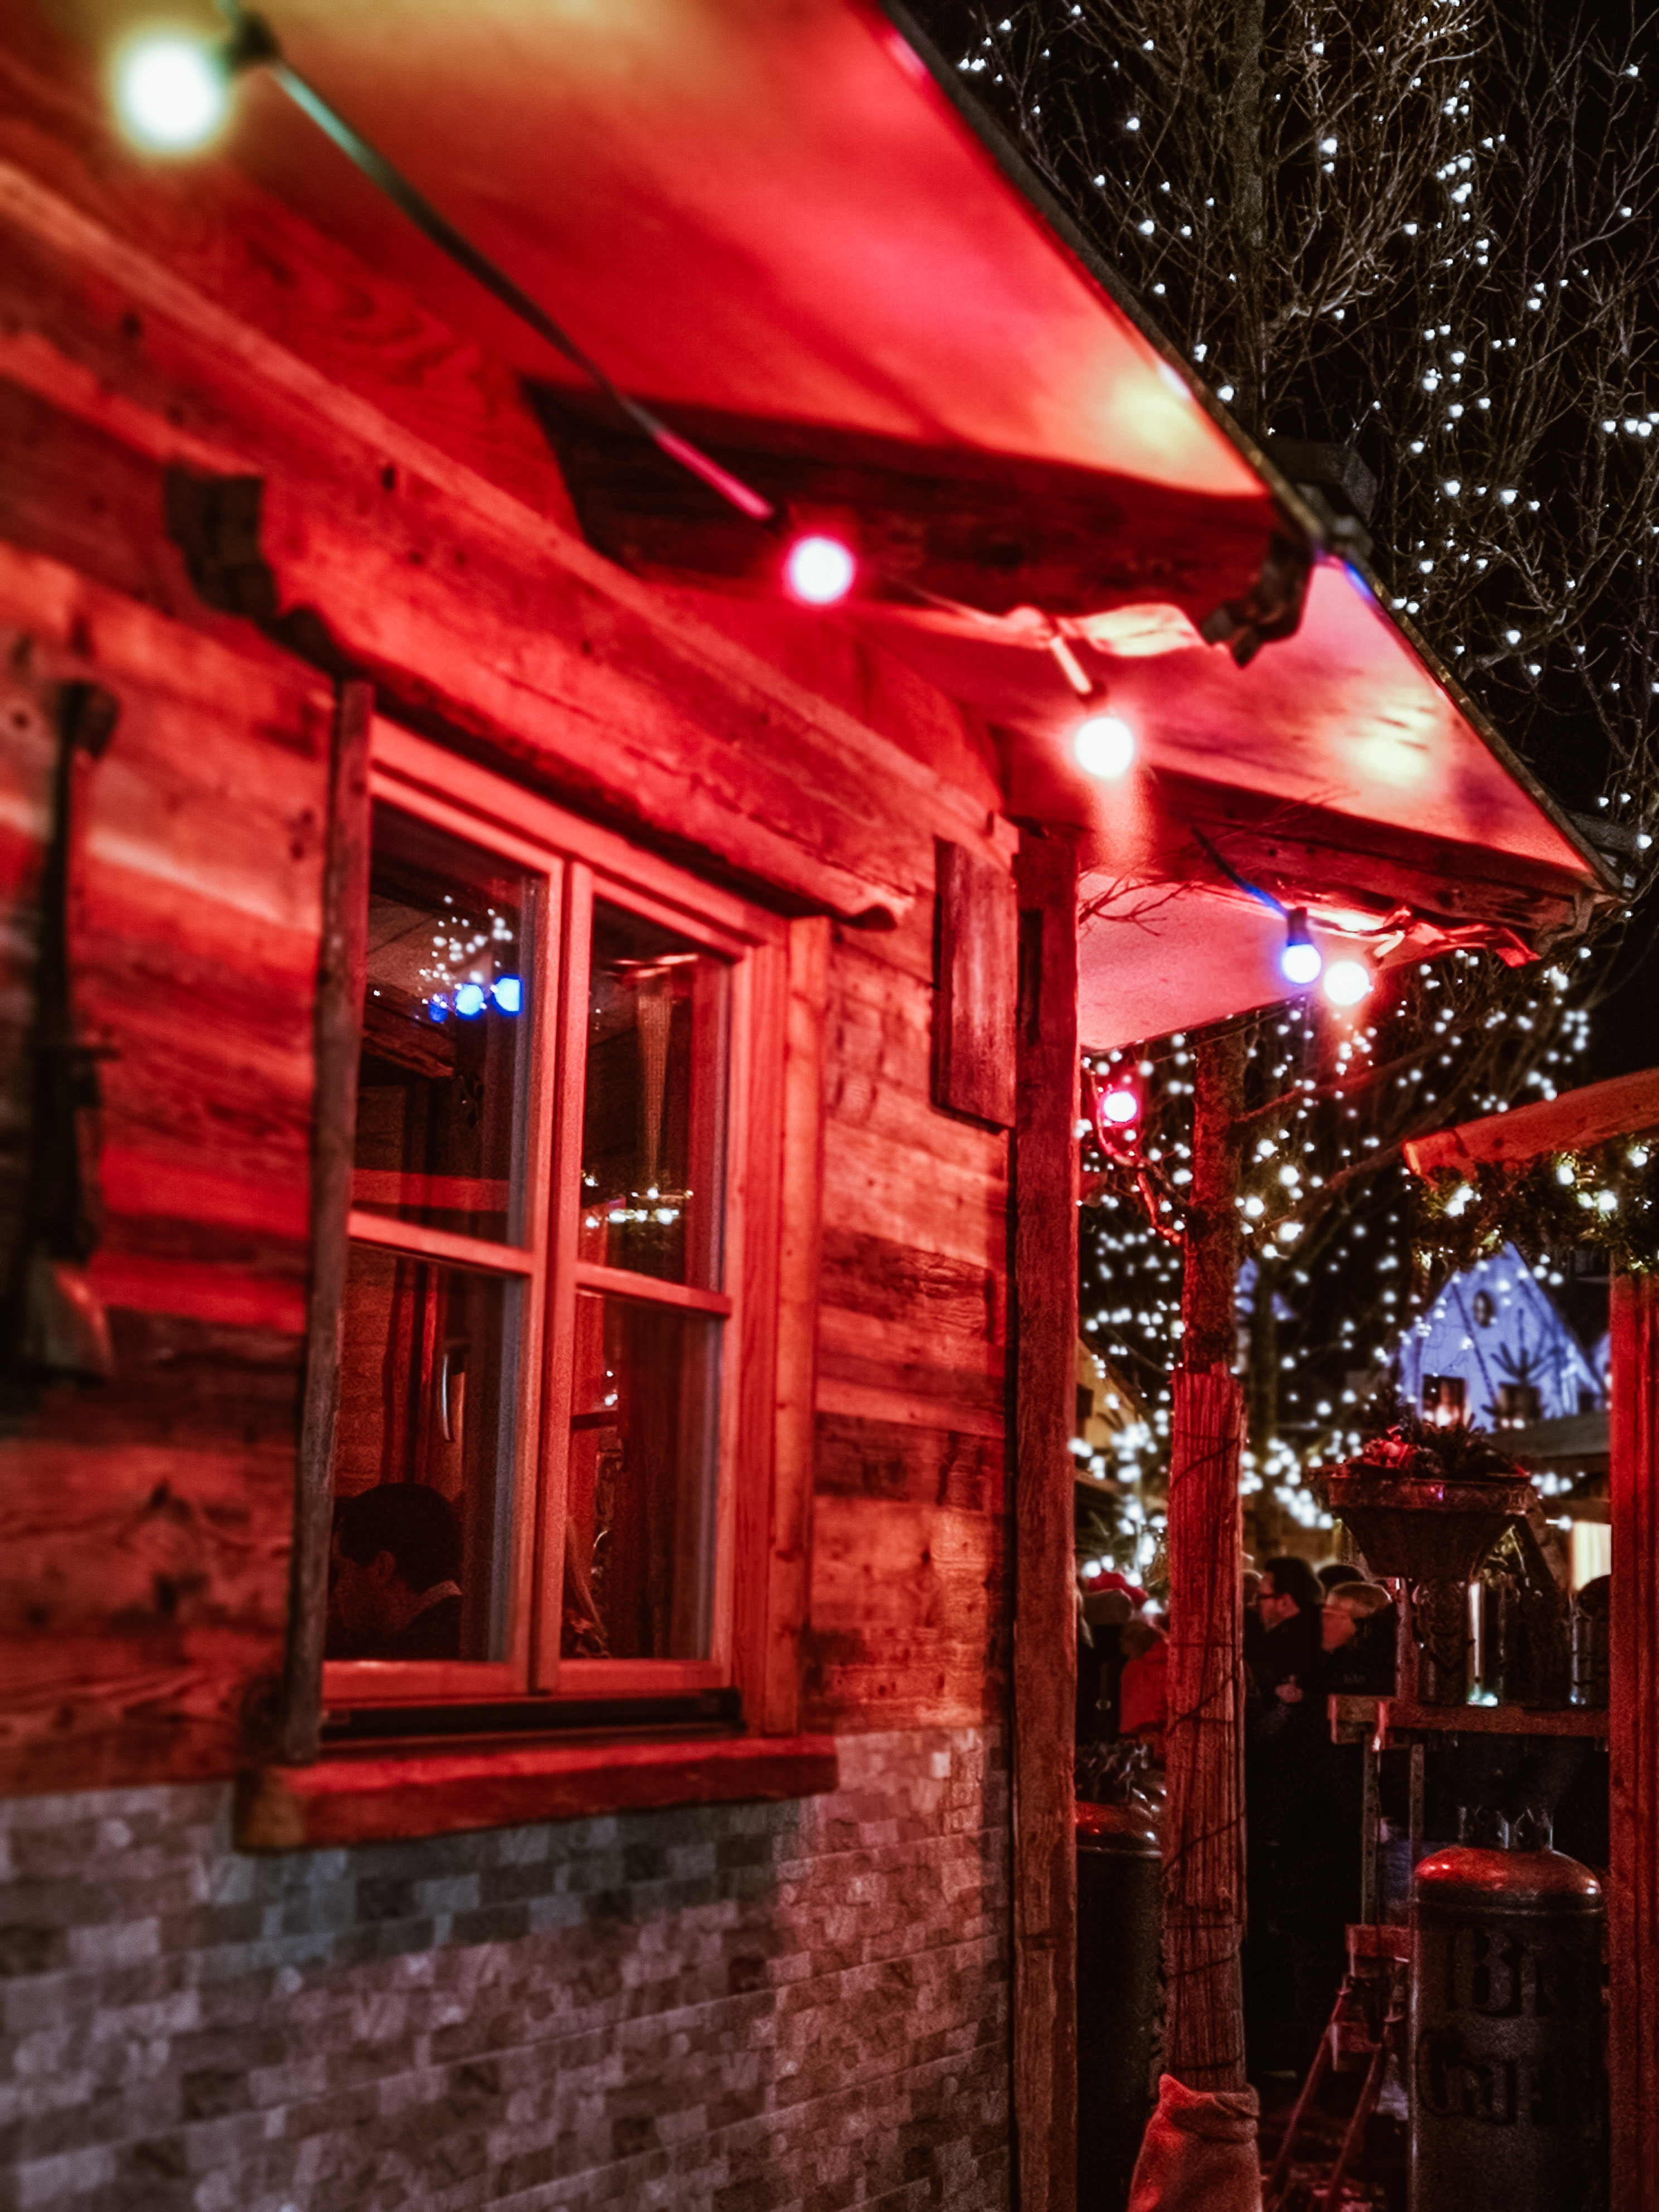 Sylt im Dezember: Weihnachten, Wintermarkt, Adventszauber